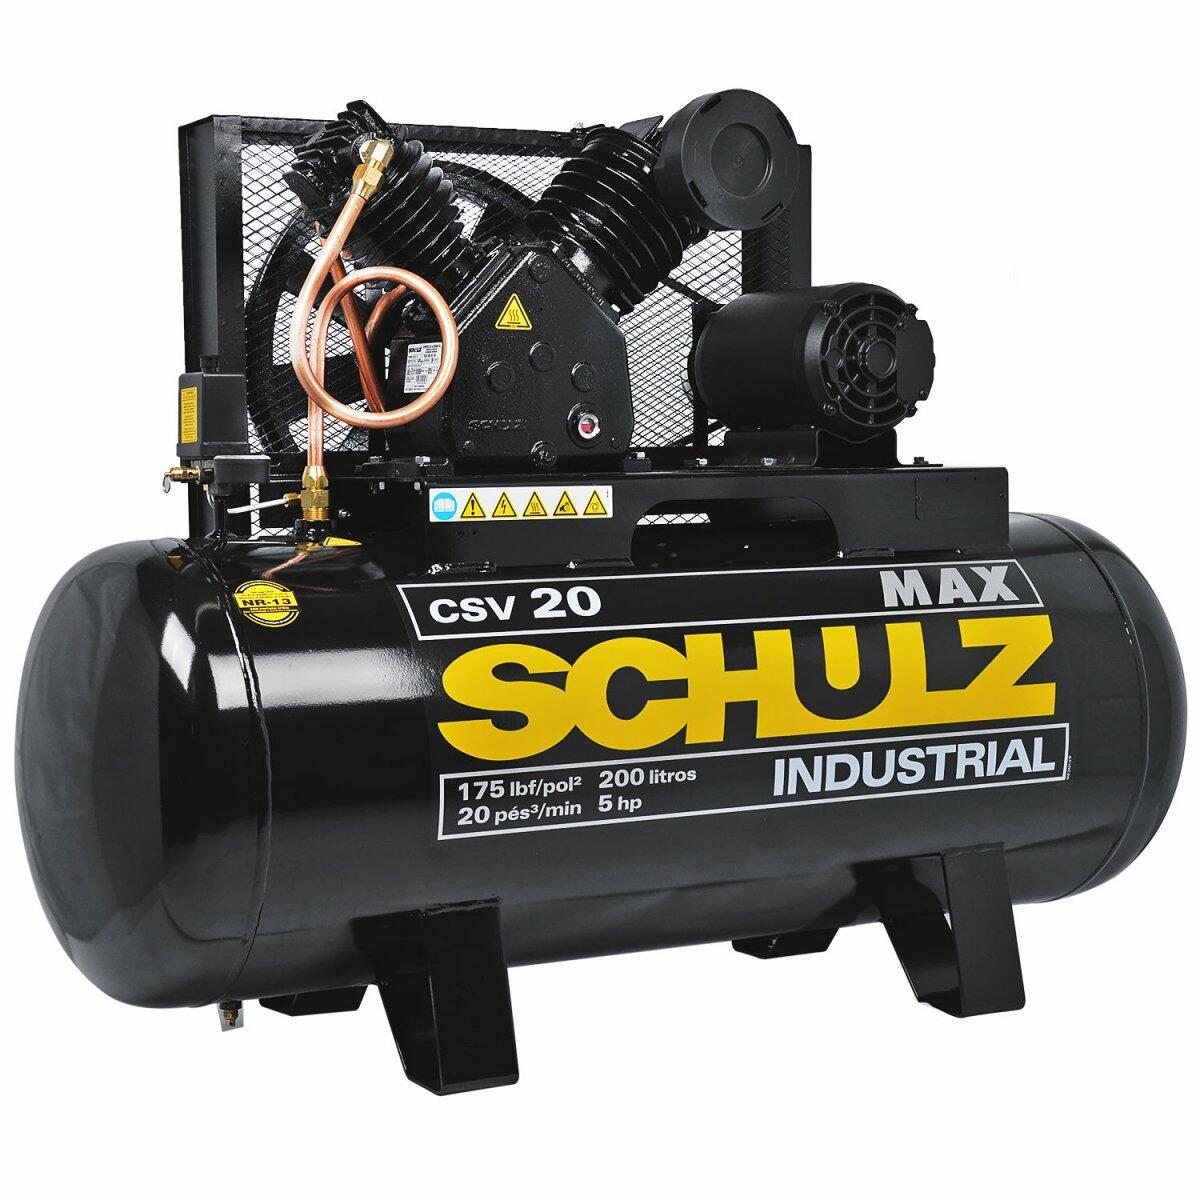 Compressor de Ar 20 Pés 200L MAX CSV Schulz - 220/380V